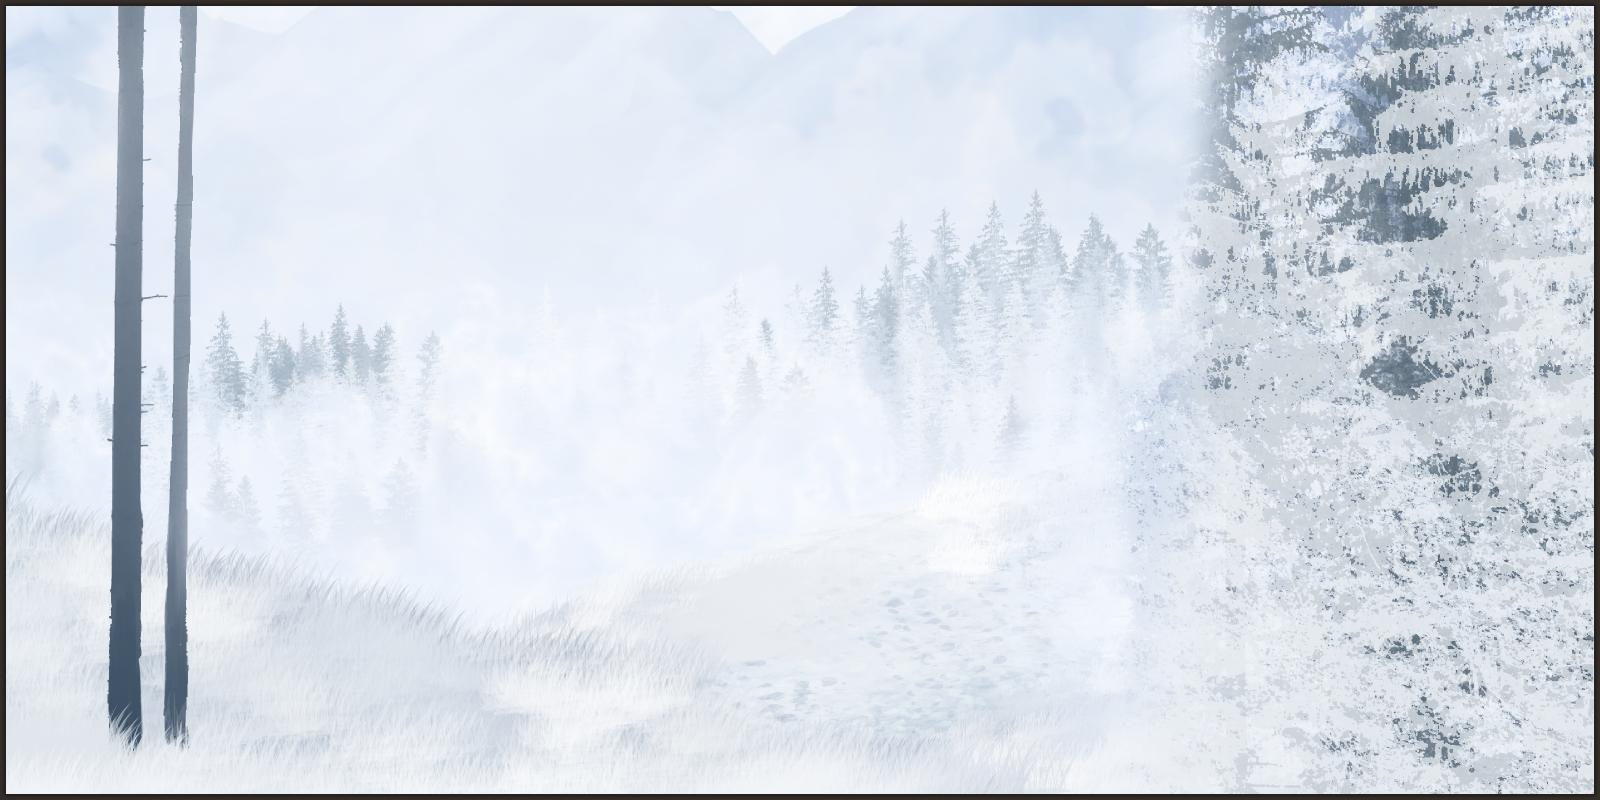 progress 8 - moonlight hill